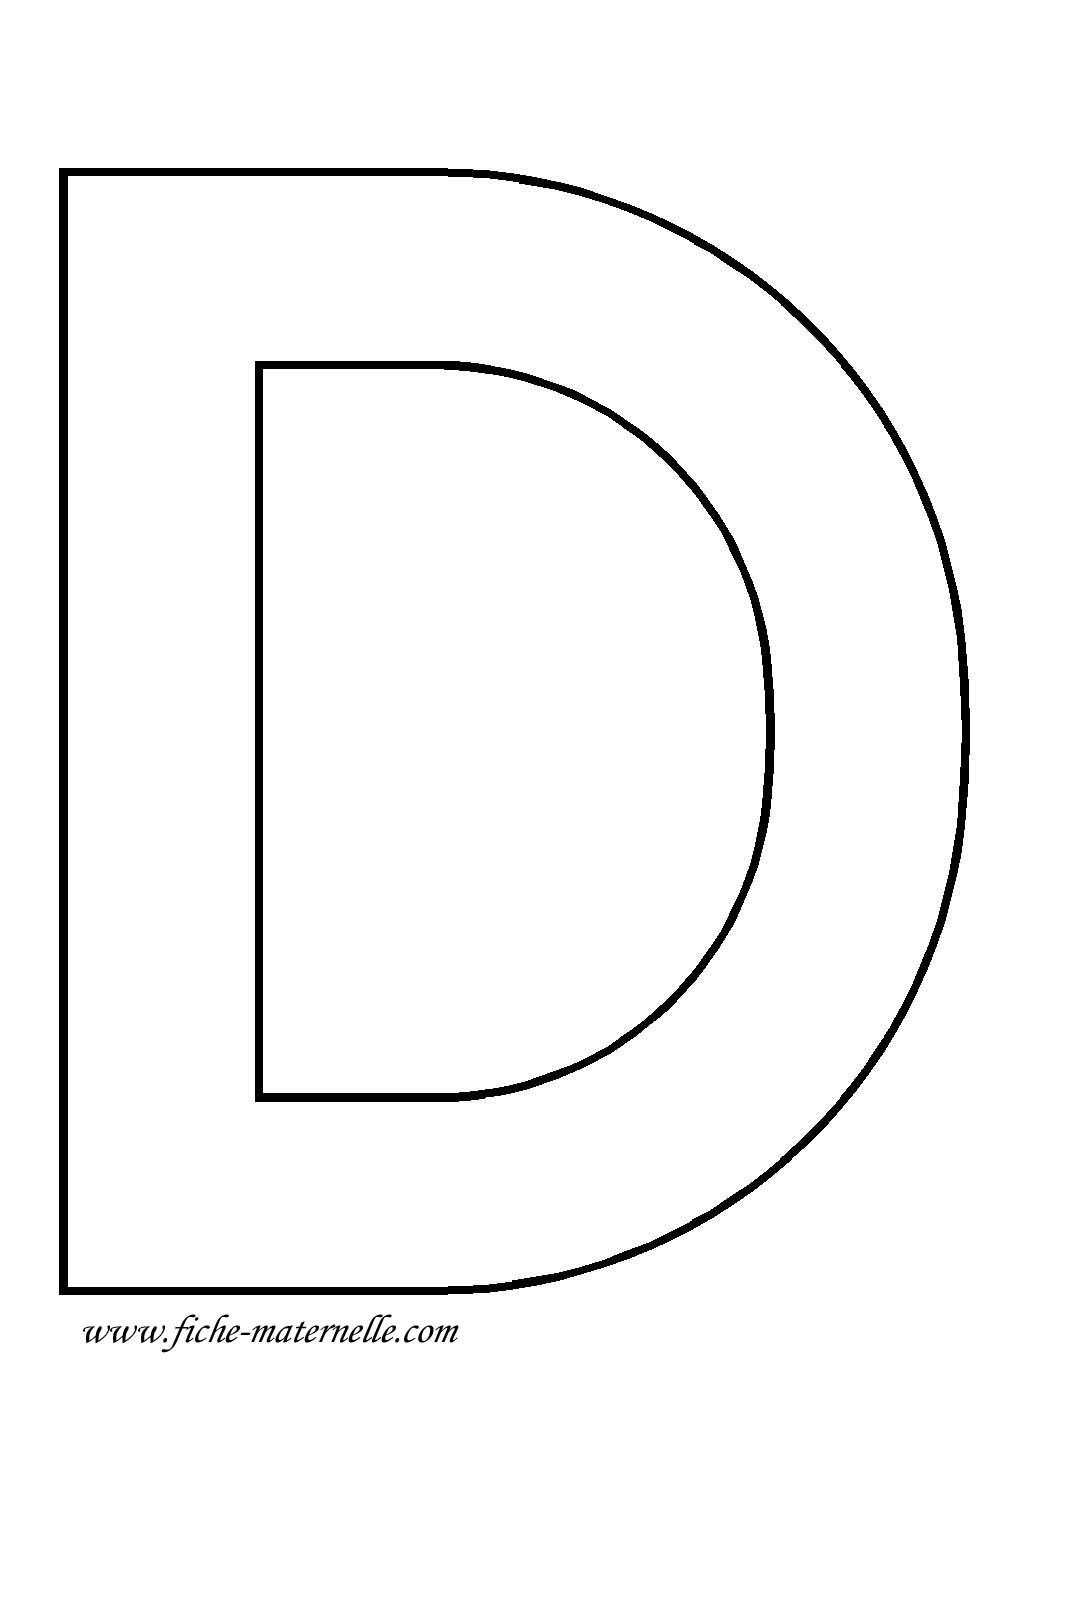 lettre de d Lettre De L 39 Alphabet D Corer Lettre D   Lettre A Decorer  lettre de d